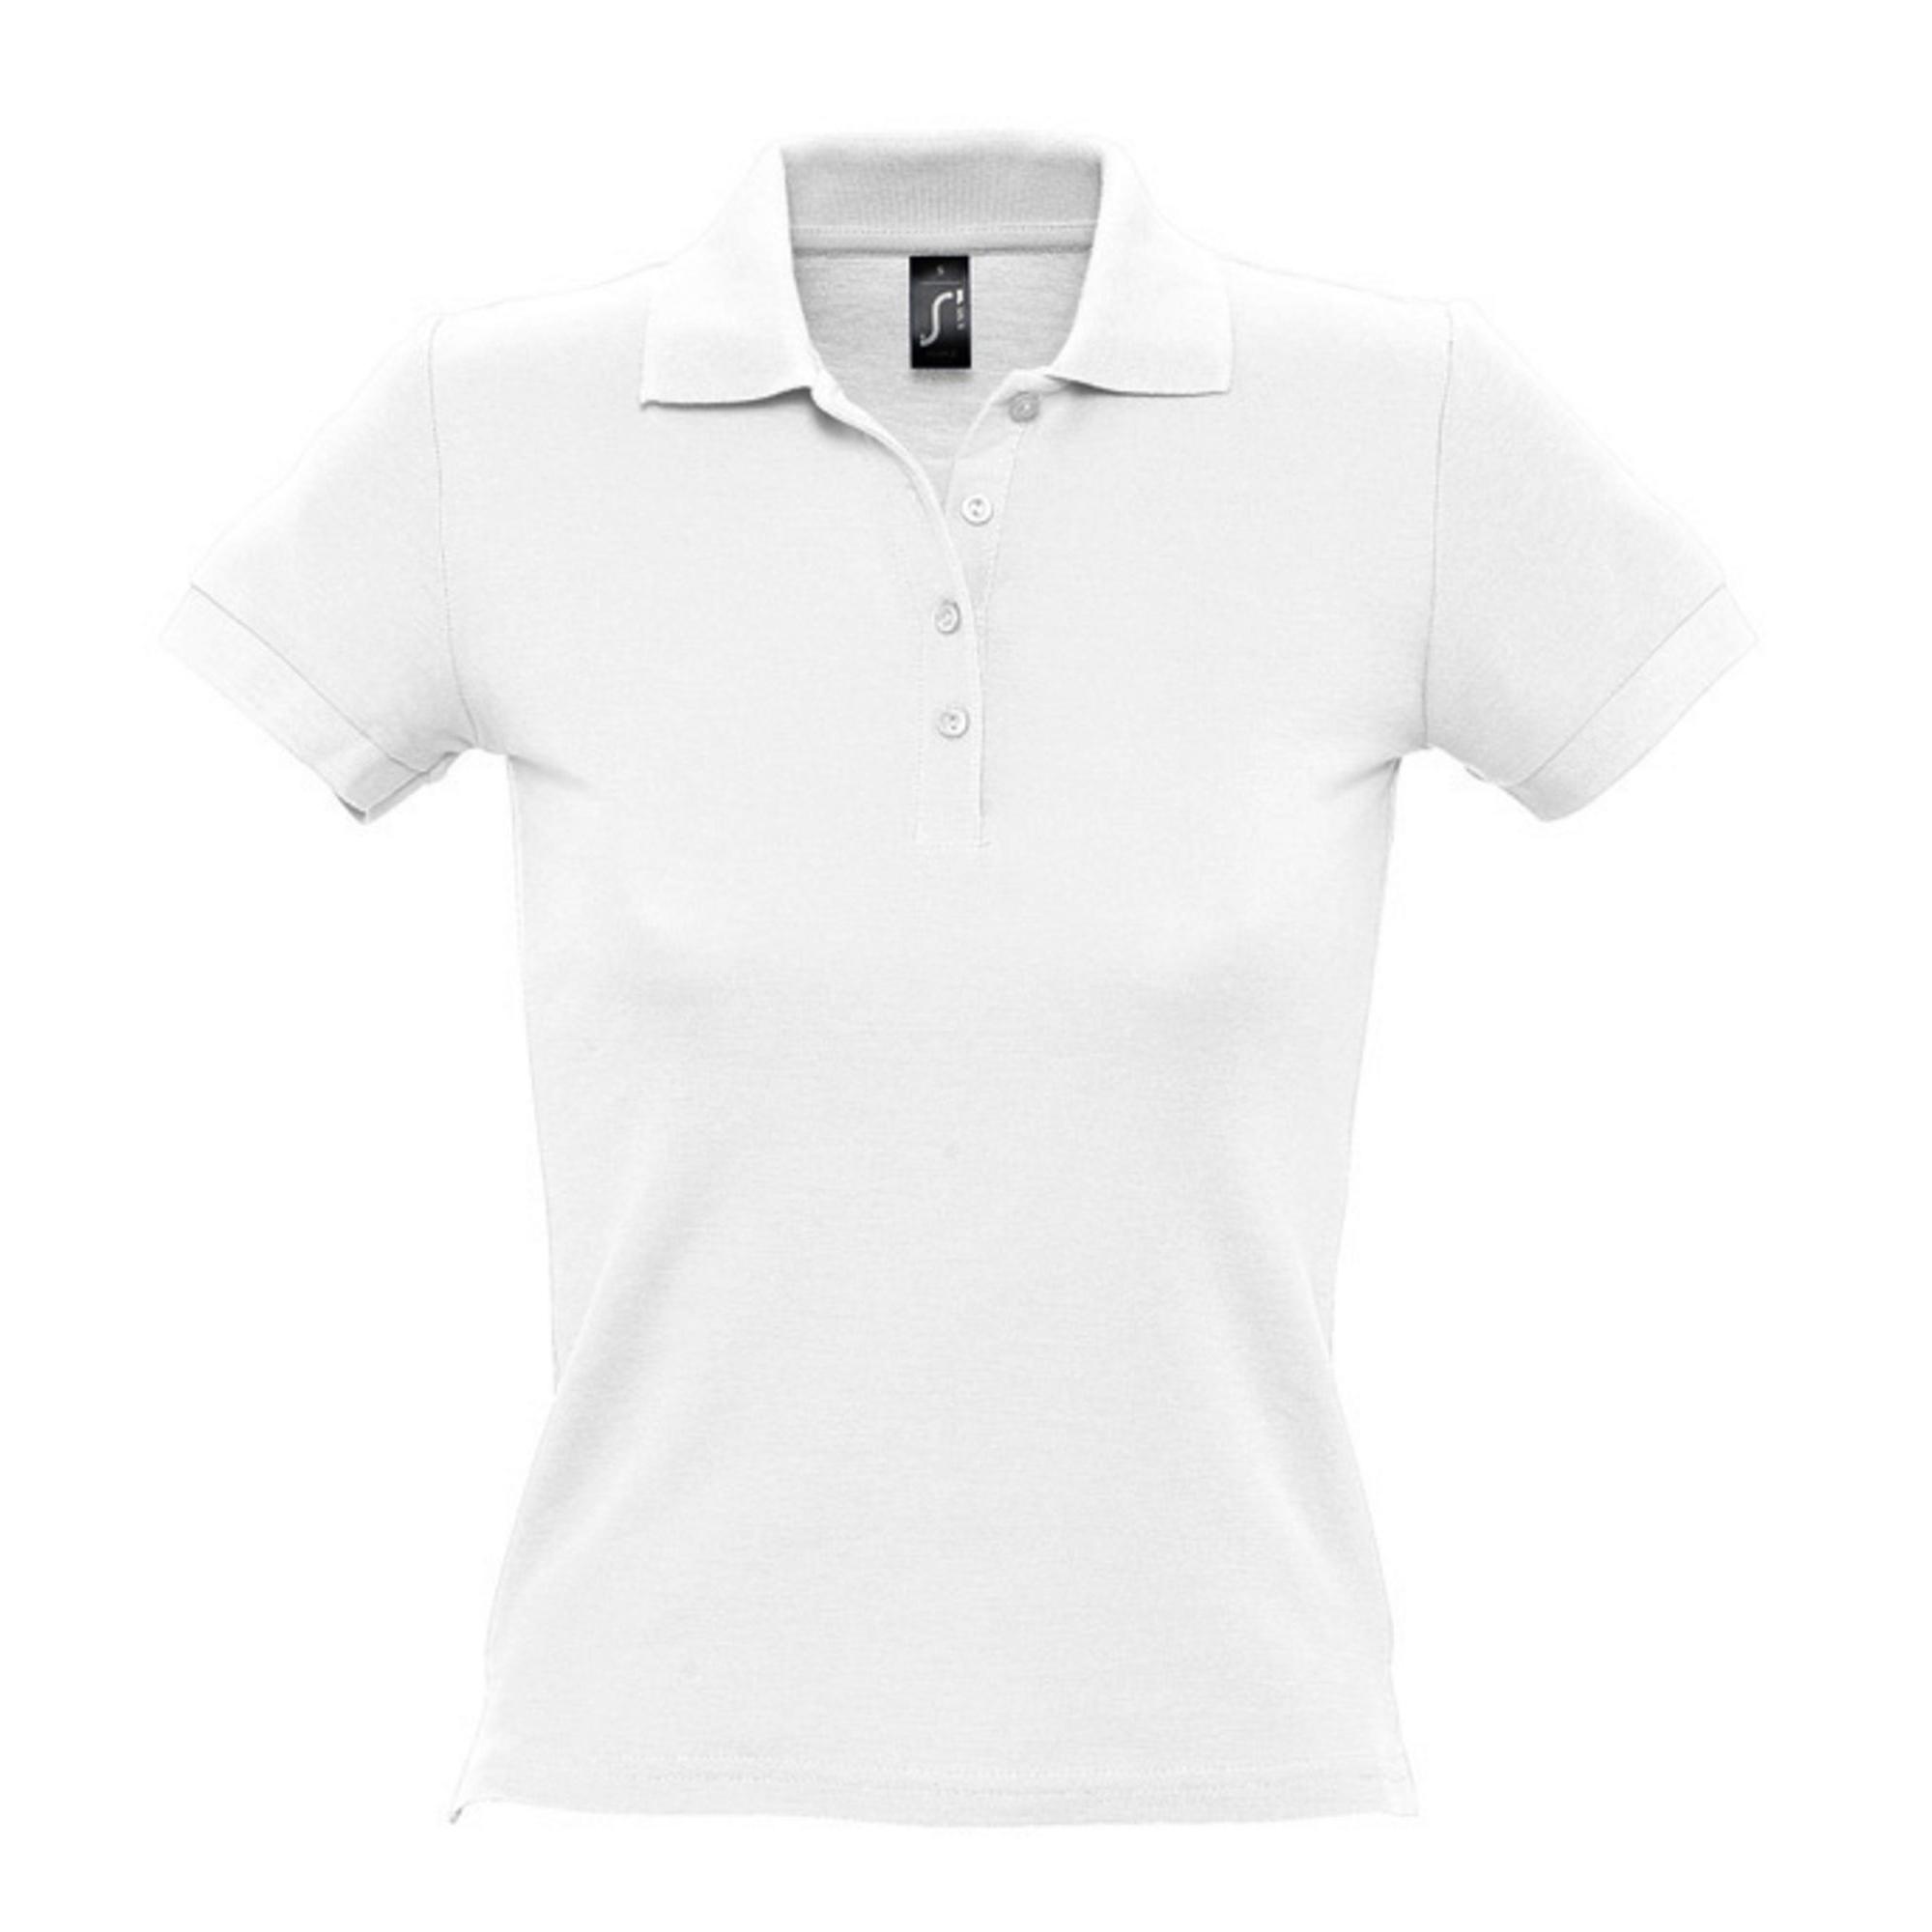 Рубашка поло женская белая PASSION. арт.4798 SALE